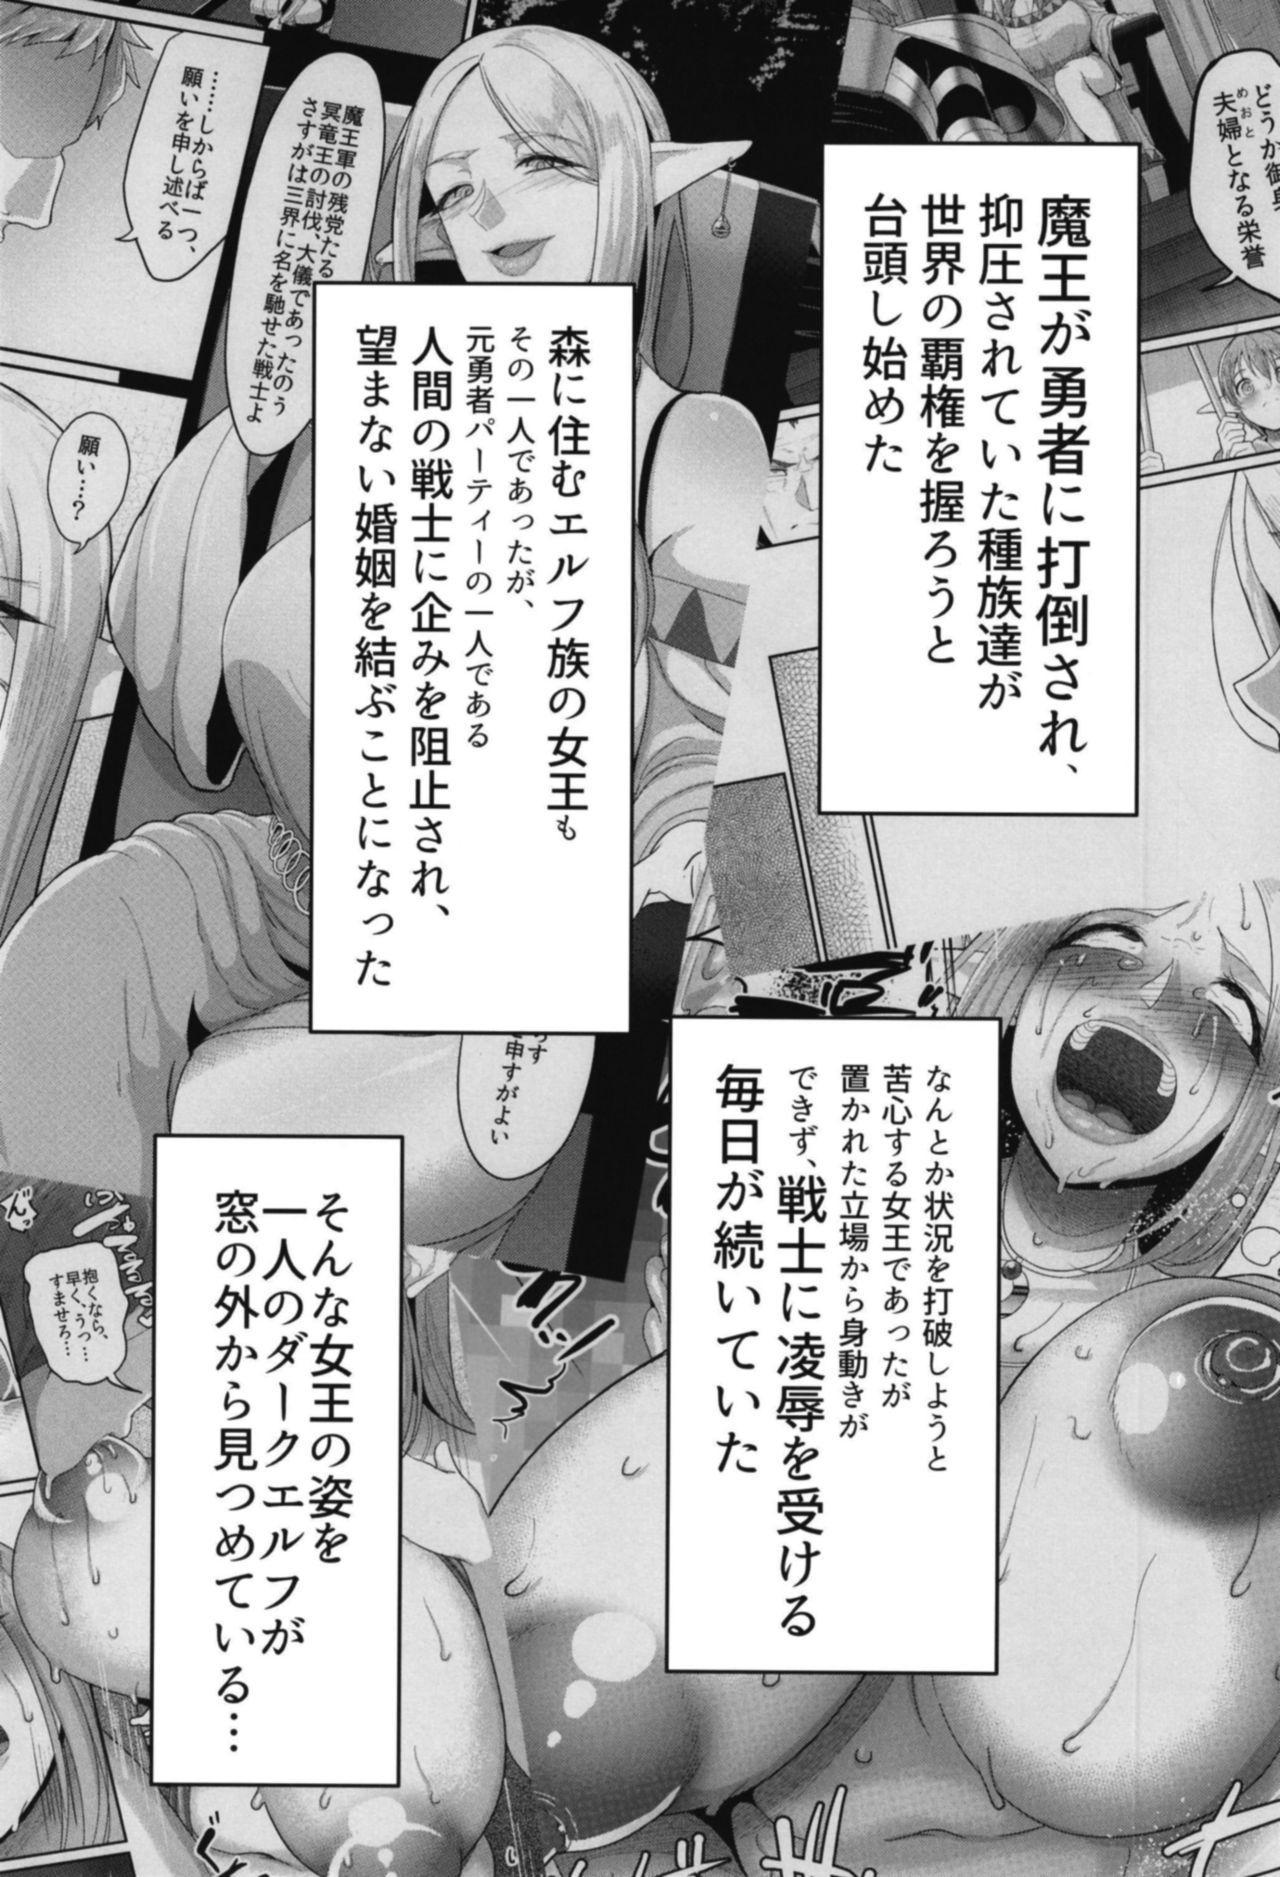 Takabisha Elf Kyousei Konin!! 3 2